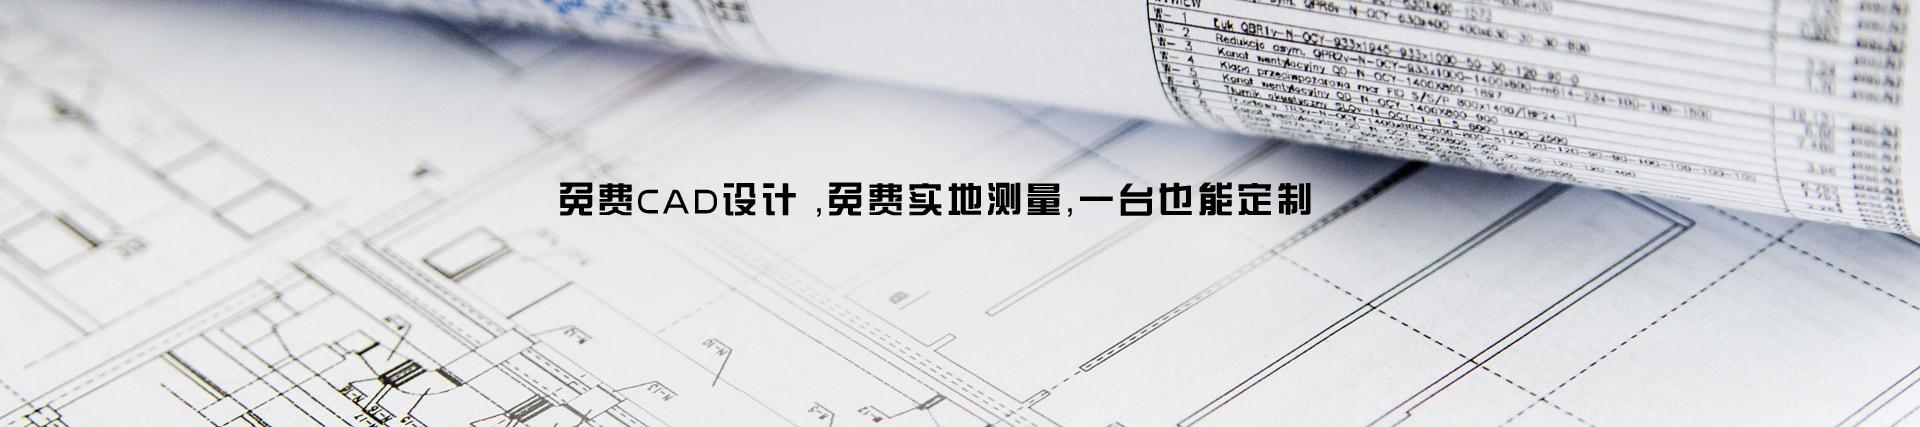 天瑞恒安免费CAD设计,免费实地测量,一台也能定制